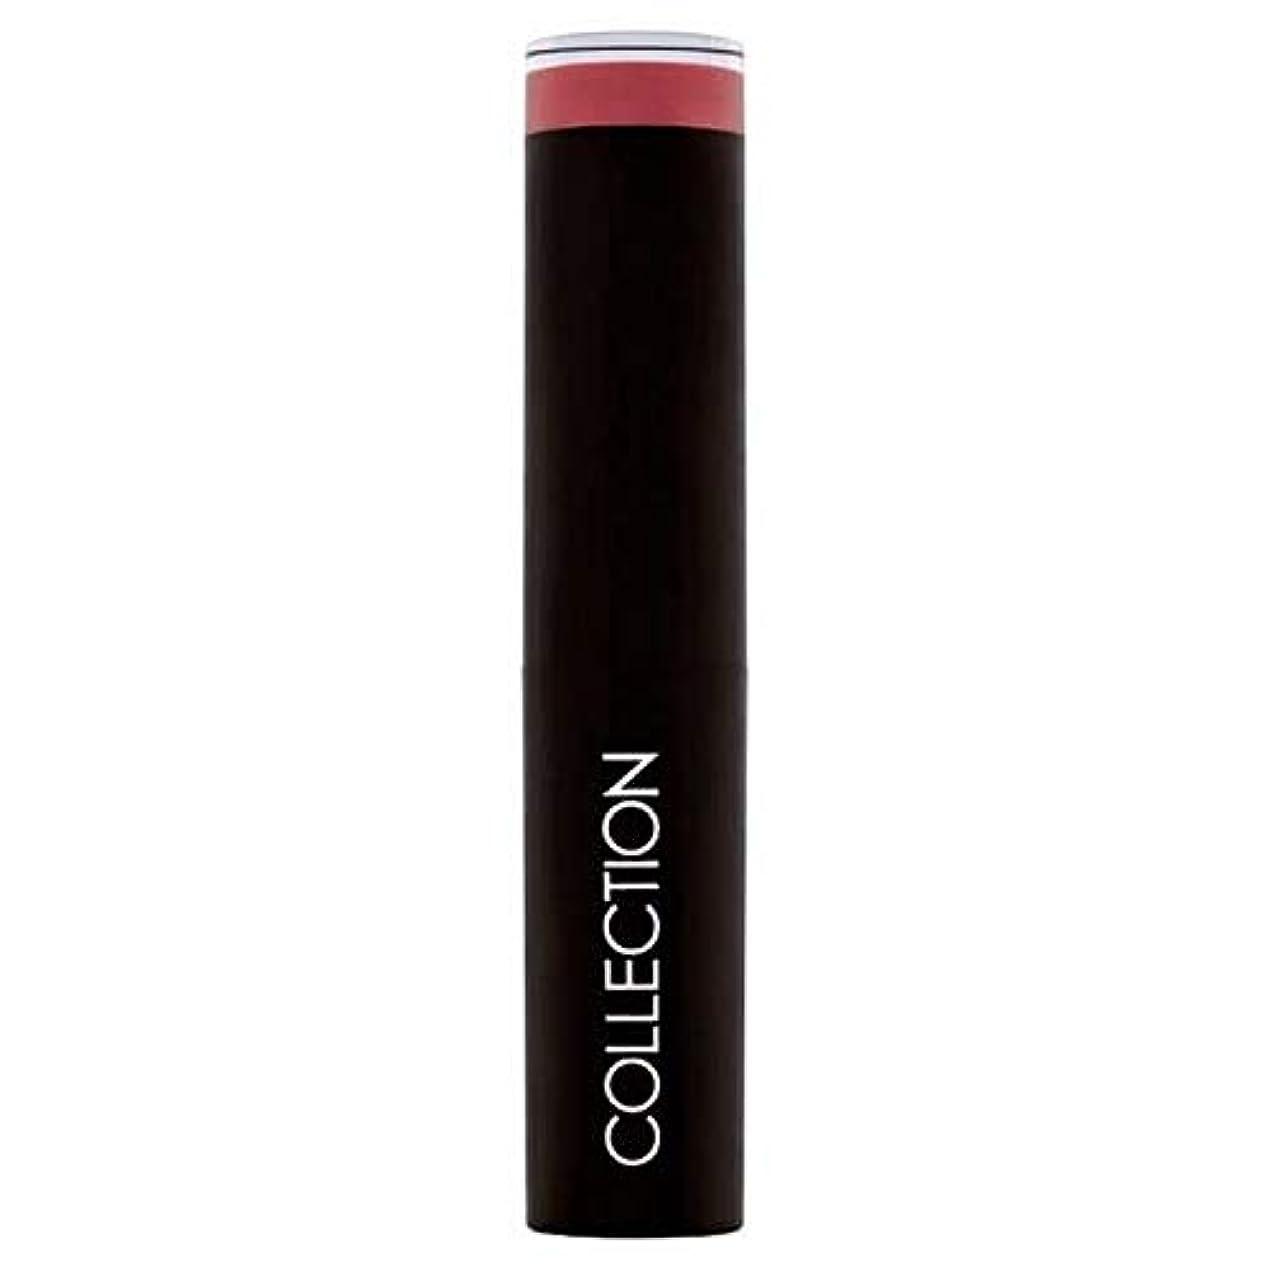 いわゆる計画的廃棄する[Collection ] コレクション強烈な輝きゲル口紅破砕梅3 - Collection Intense Shine Gel Lipstick Crushed Plum 3 [並行輸入品]